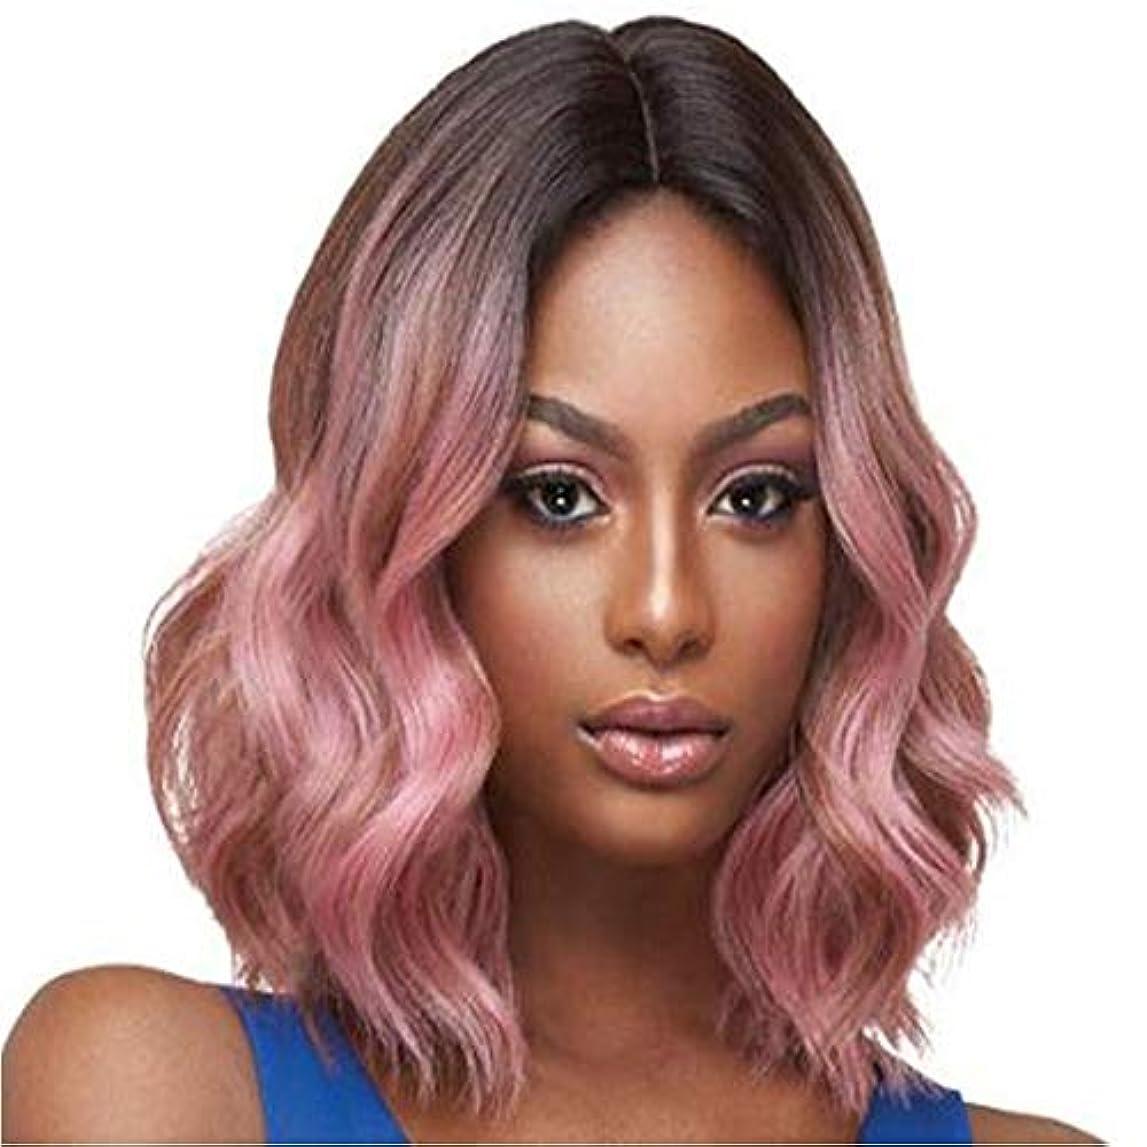 意識的有益フリッパーヘアエクステンションピンクショート合成かつら女性用髪水波かつら高温ファイバーウィッグボブヘアカットショートオンブル合成かつら女性用デイウェアコスプレやパーティー